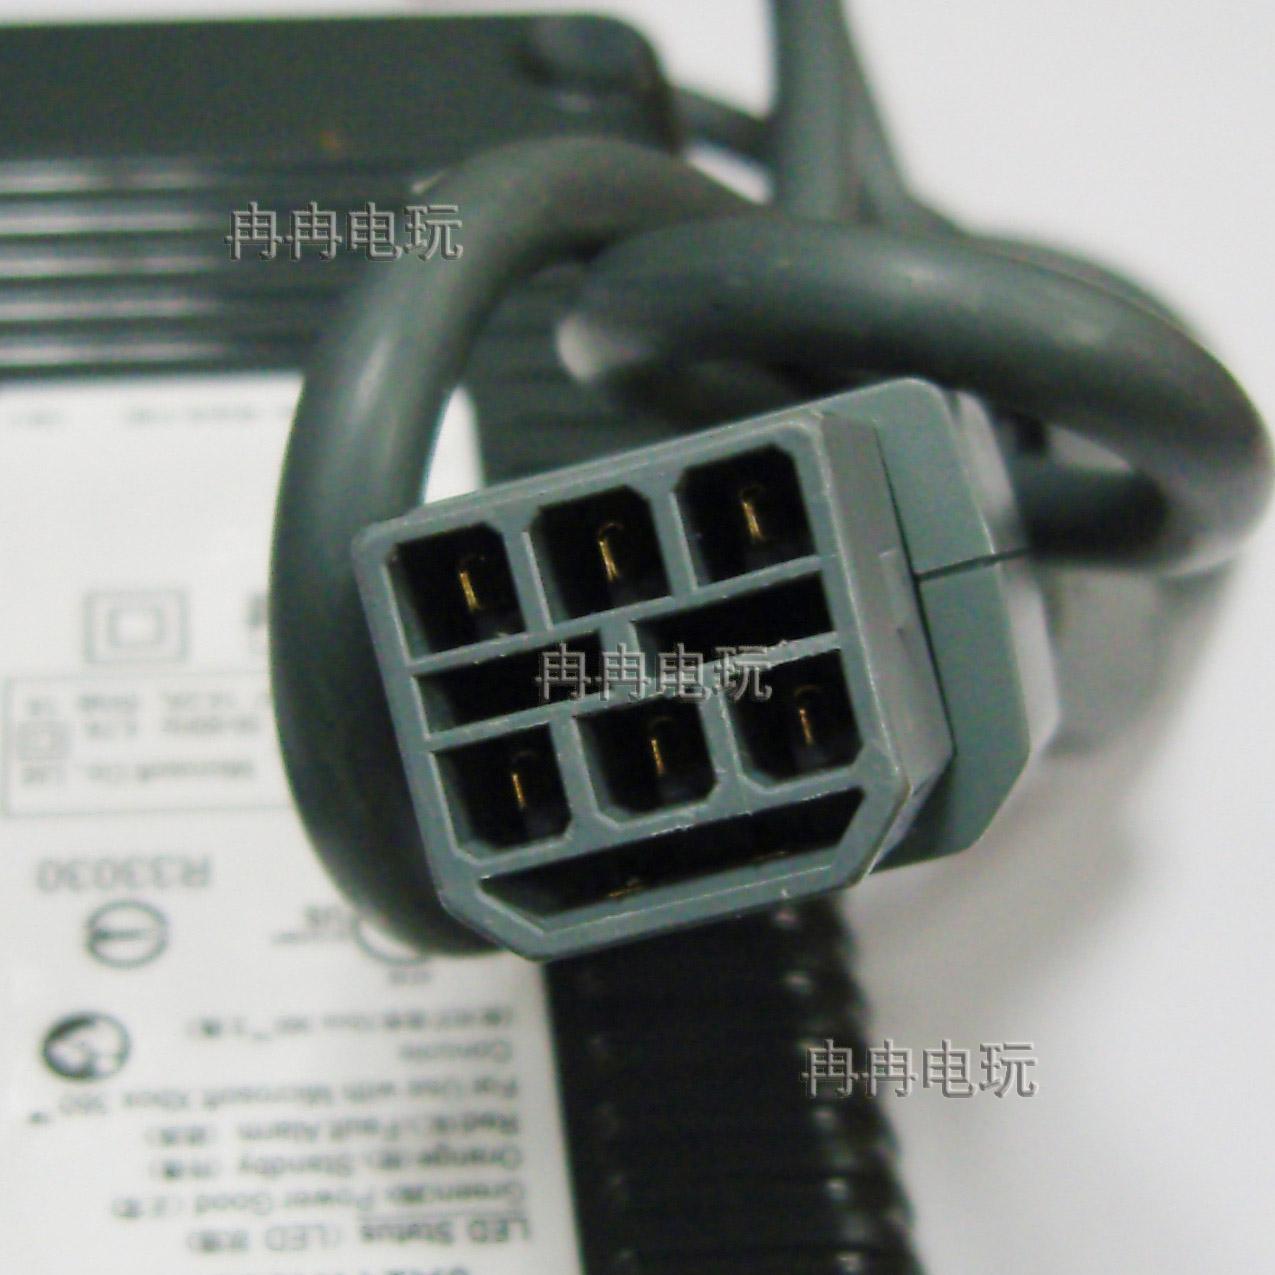 Зарядное устройство для XBOX Оригинальные Xbox360 питания толщиной машины оригинальные 220V мощности питания универсальный 360 один 65 внутренних хост 175W